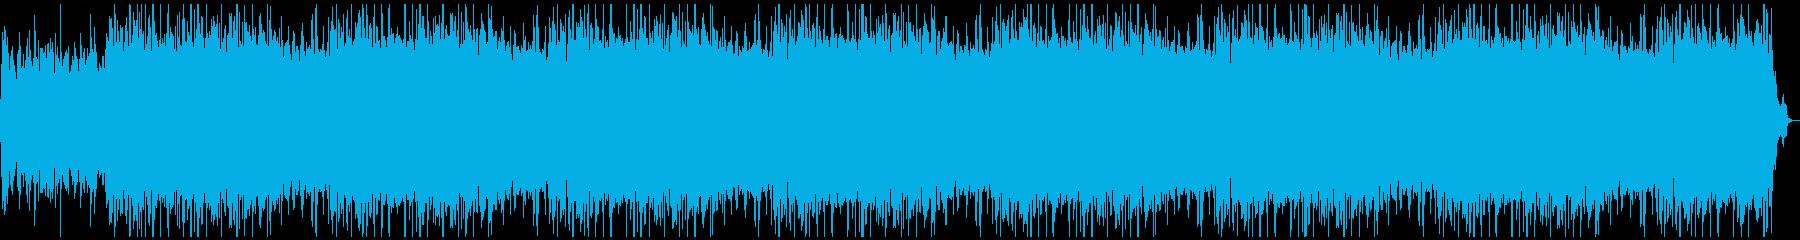 ハロウィン、ゴシック、ファンタジー魔法Lの再生済みの波形